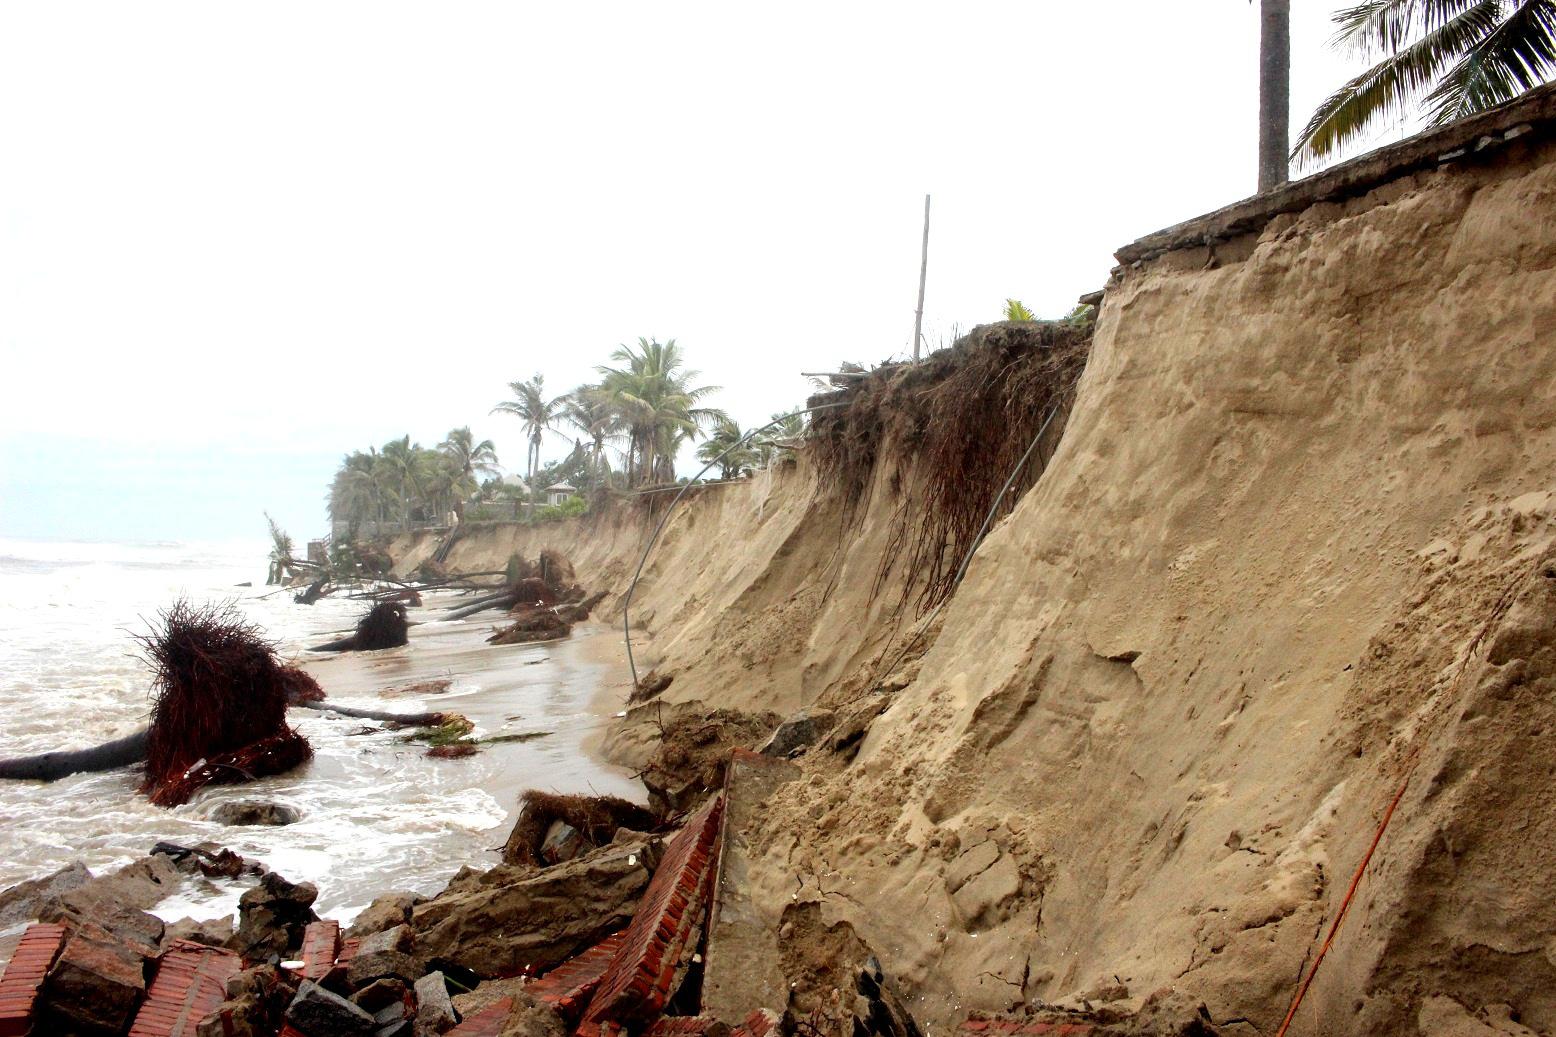 Quảng Nam: 200 tỷ đồng chống xói lở khẩn cấp bờ biển Cửa Đại - Ảnh 2.